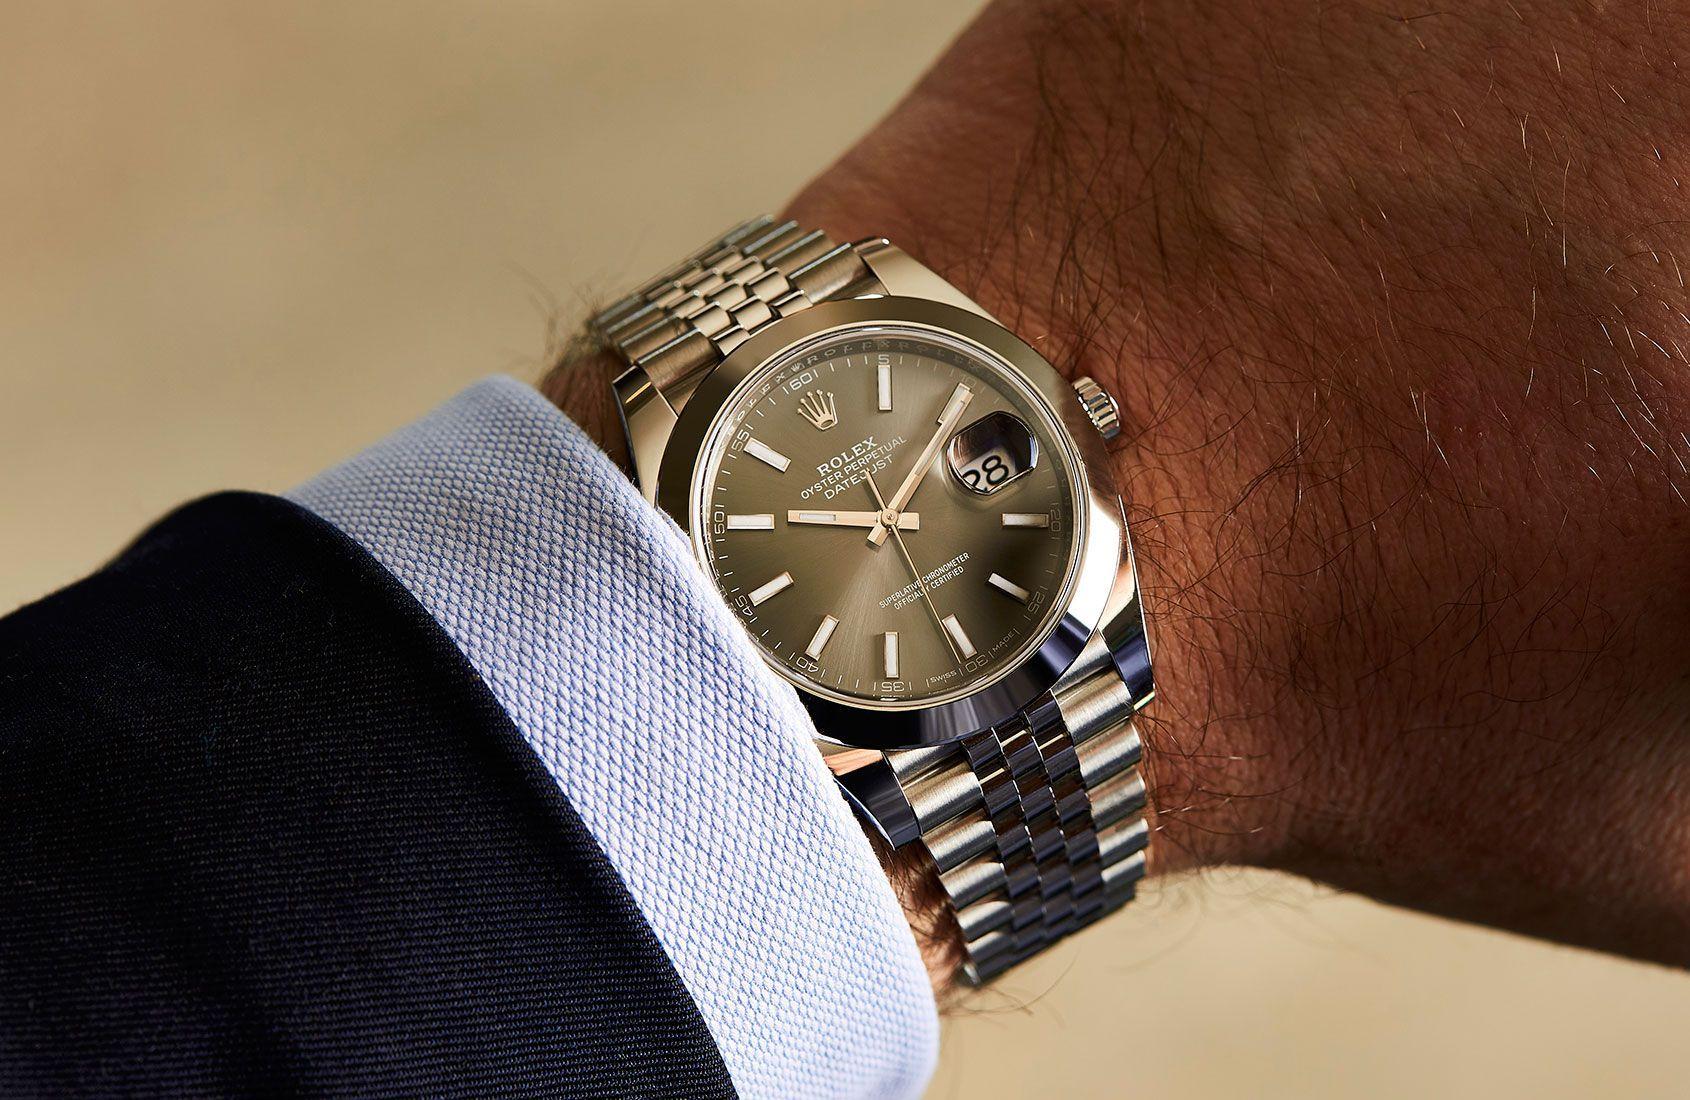 Rolex Oyster Perpetual Datejust 41 In Steel Review In 2020 Uhren Luxus Uhren Rolex Datejust